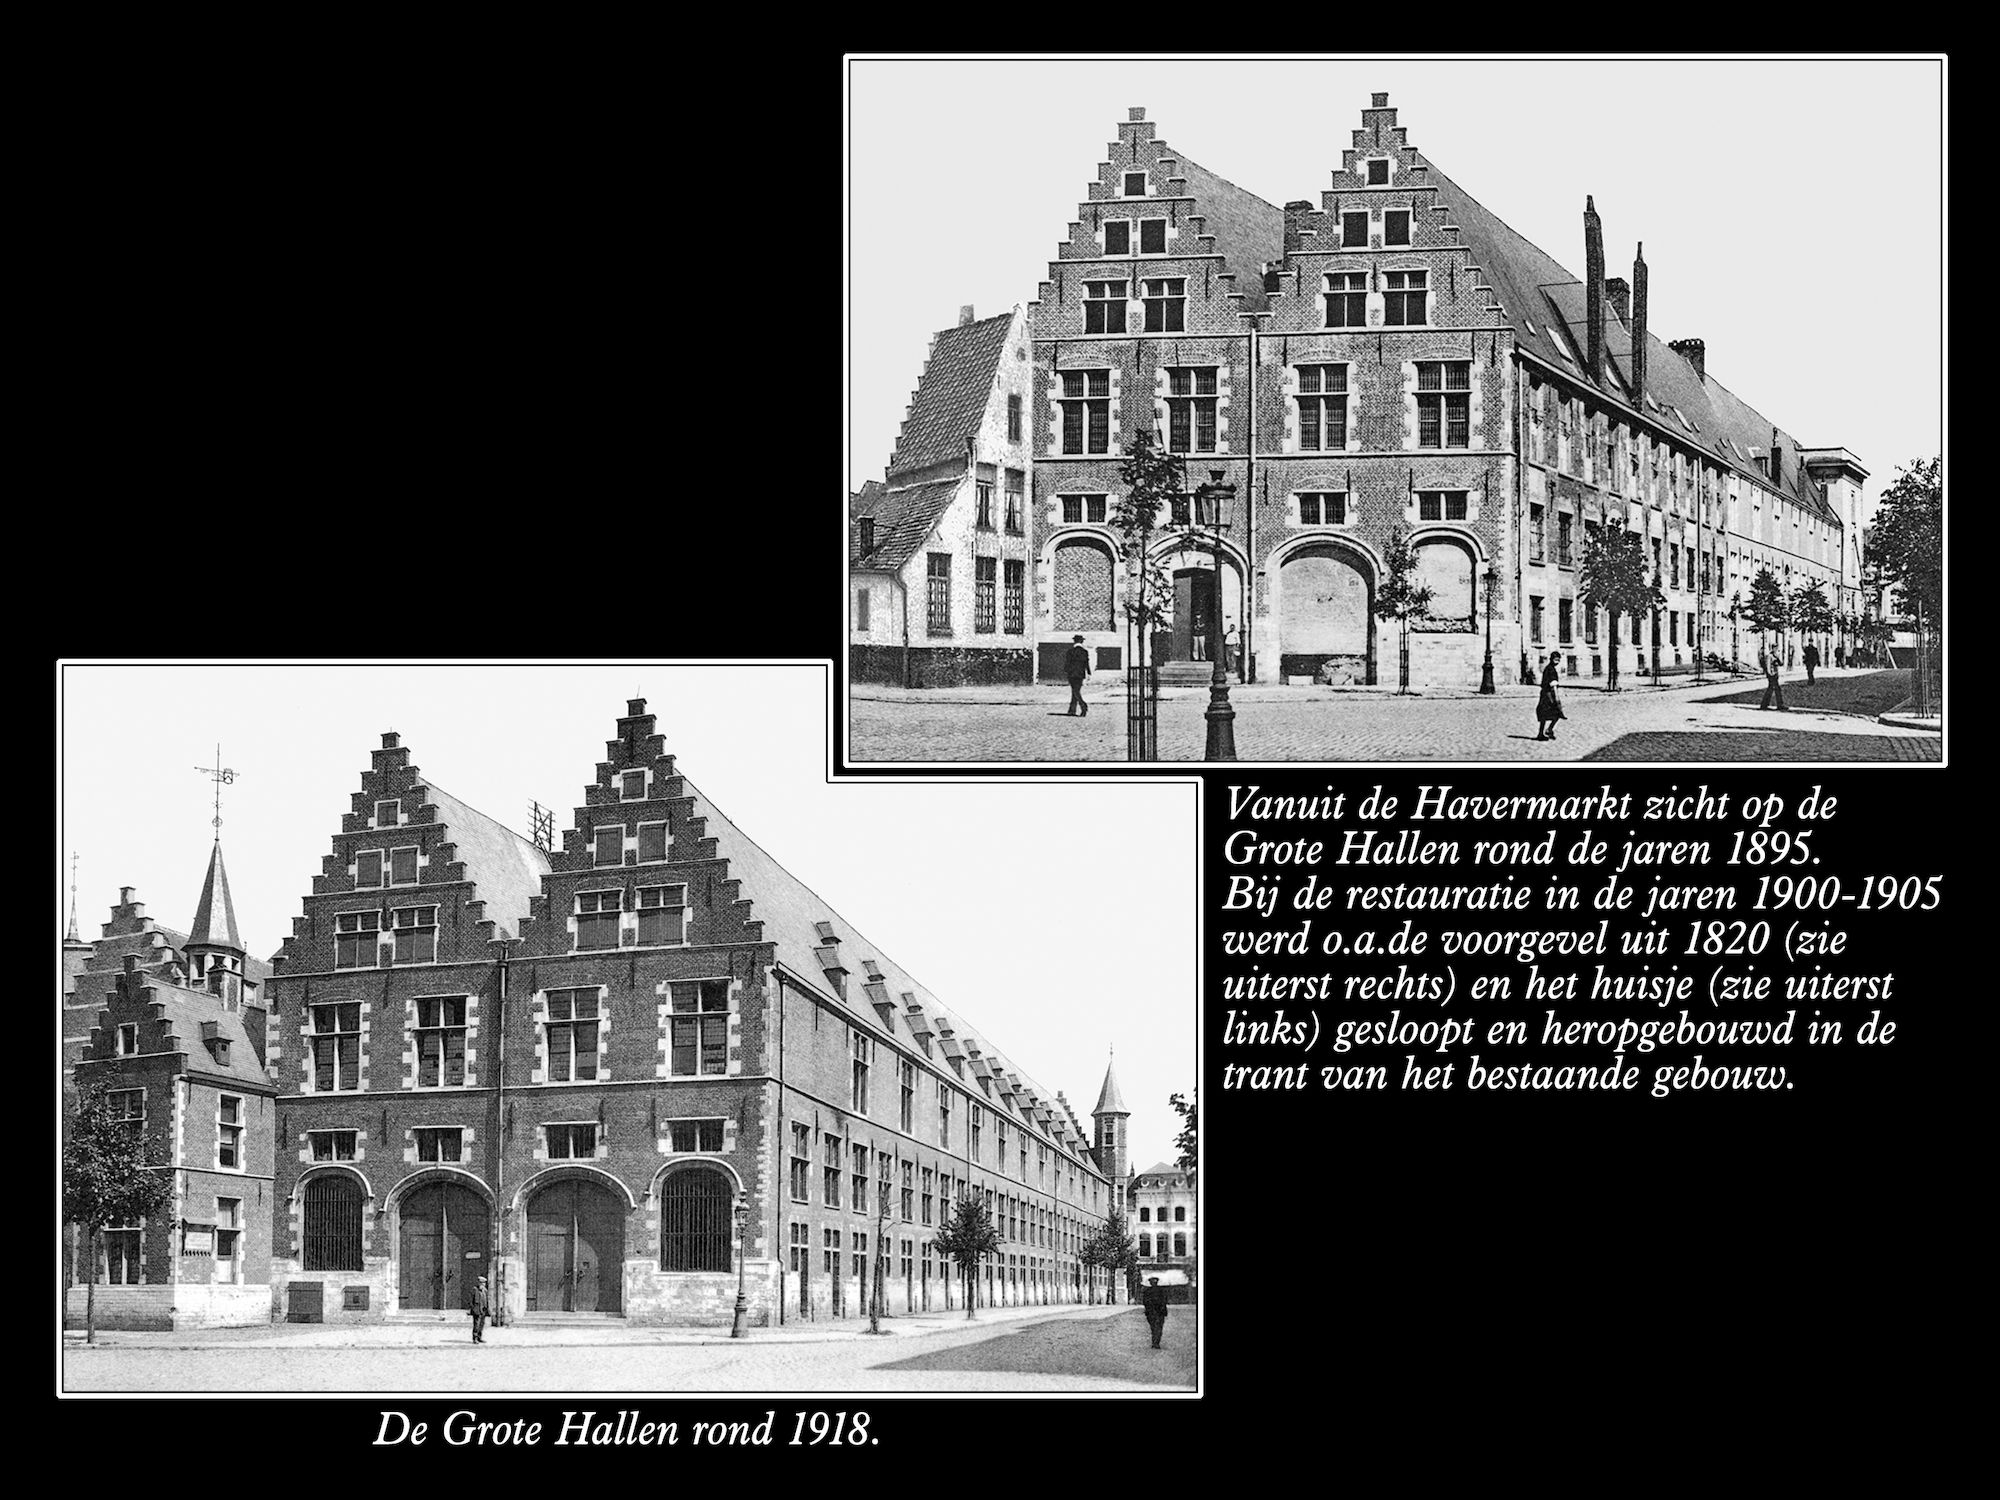 Grote Hallen ca 1895 en 1918